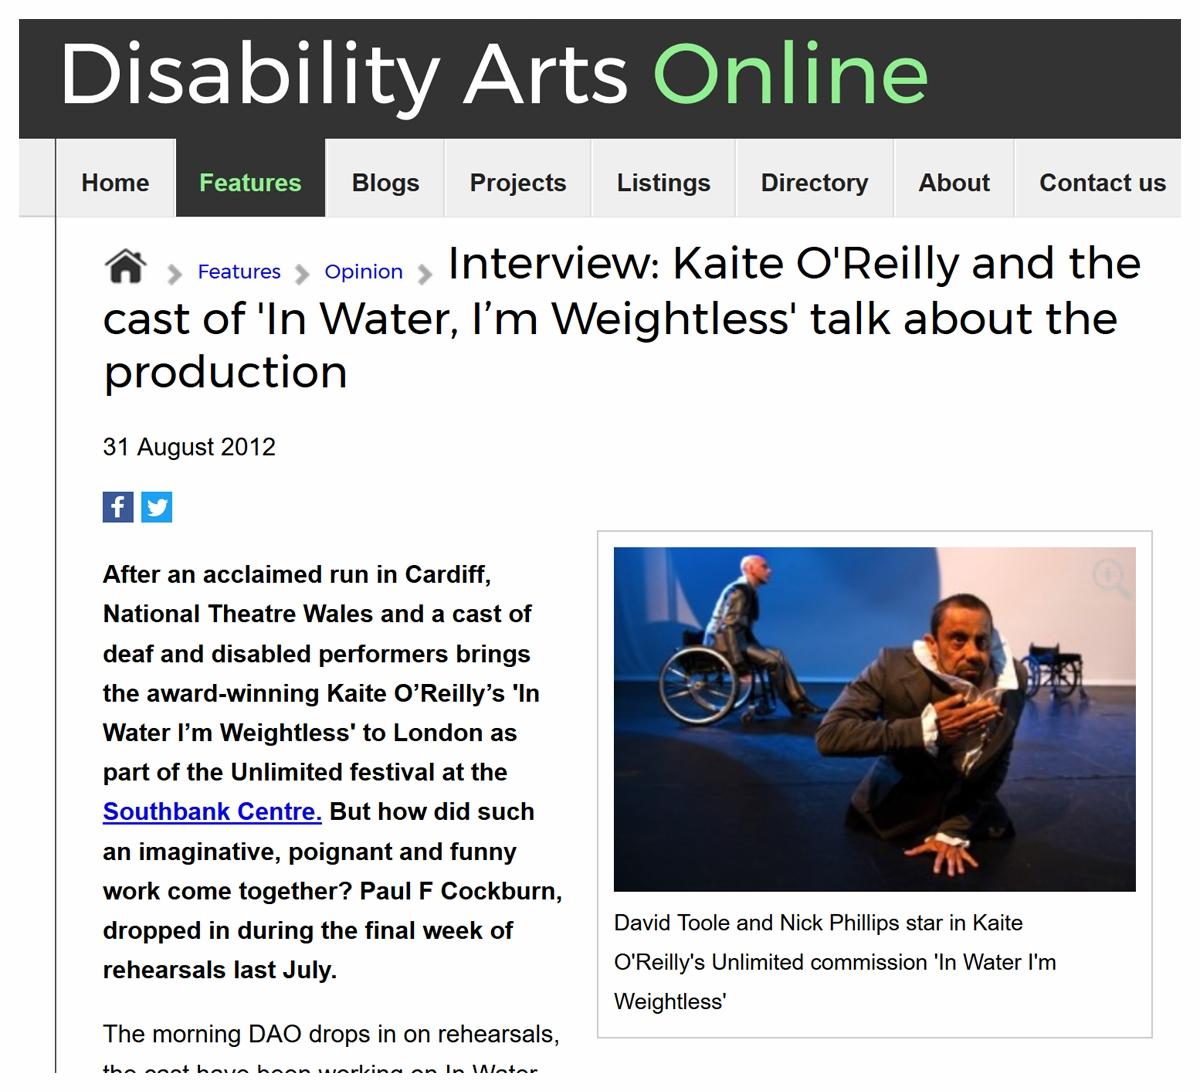 KOR-Disability-Arts-Online-001-comp.jpg